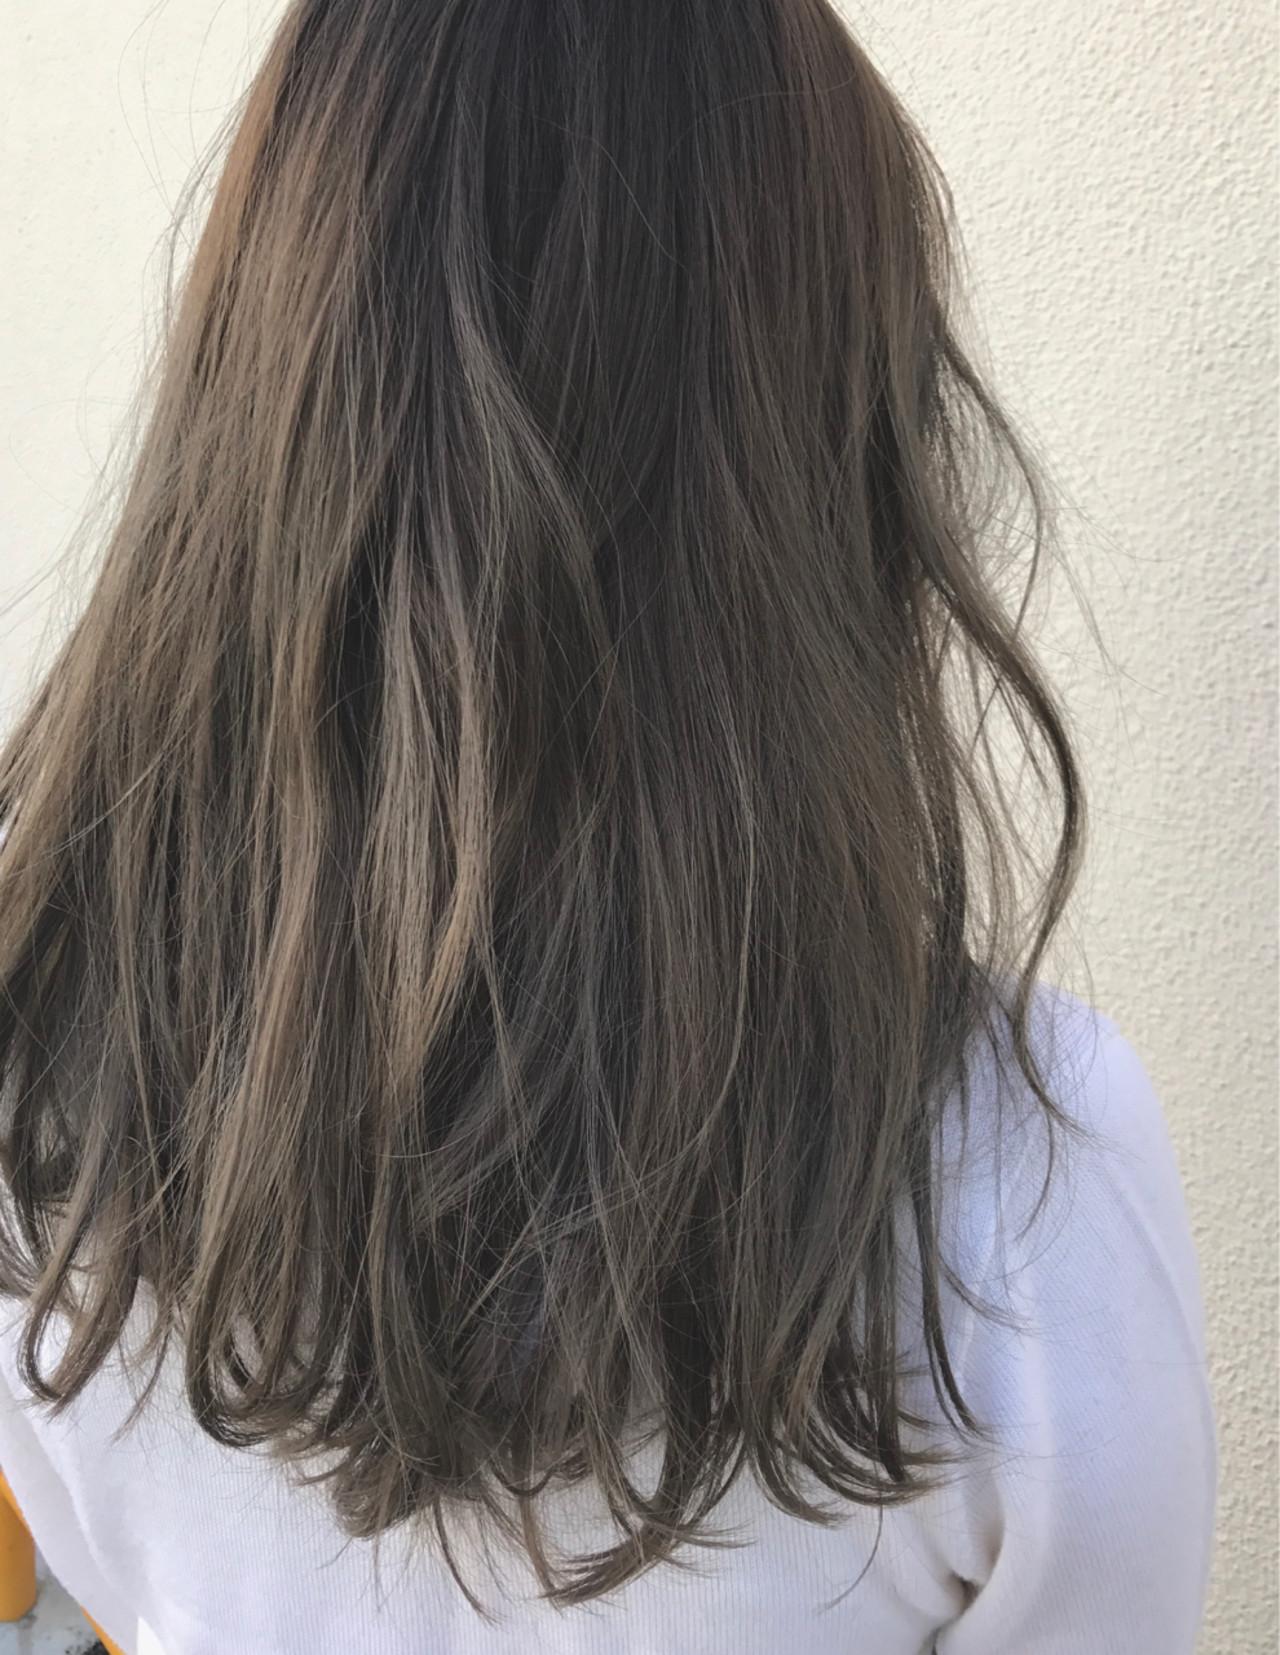 セミロング アッシュ ハイライト 外国人風 ヘアスタイルや髪型の写真・画像